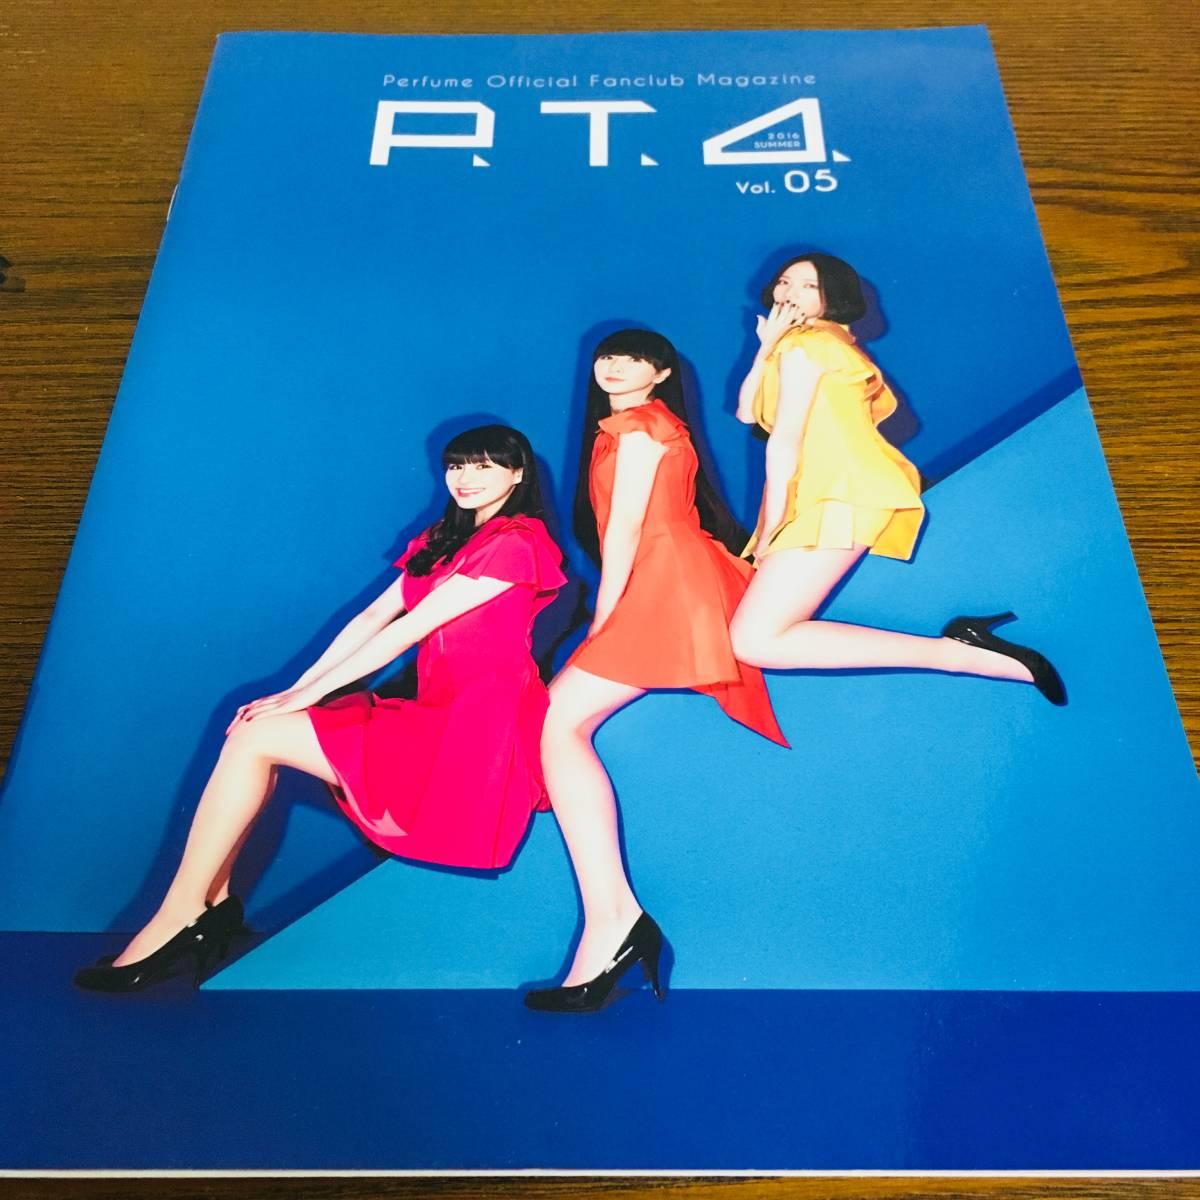 新品未使用 Perfume ファンクラブ 会報 グリーティング カード 継続特典 P.T.A vol.4-vol.8 クリスマスカード パスケース_画像6